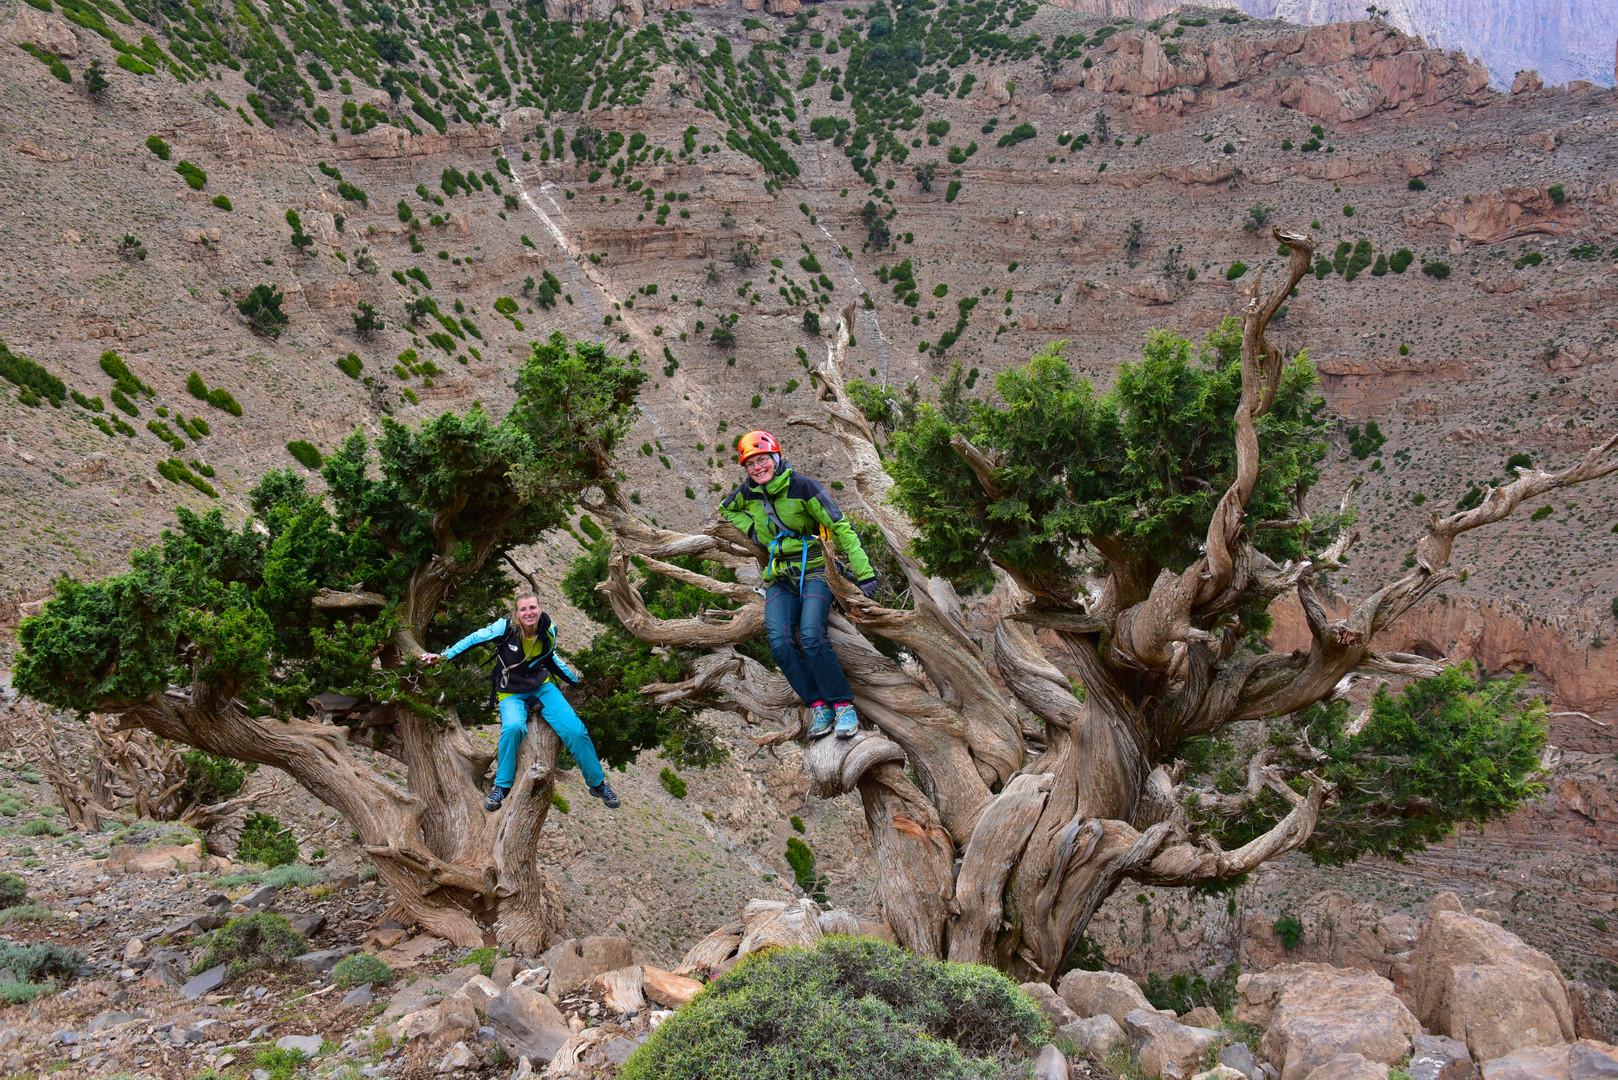 Die Bäume habens nicht leicht